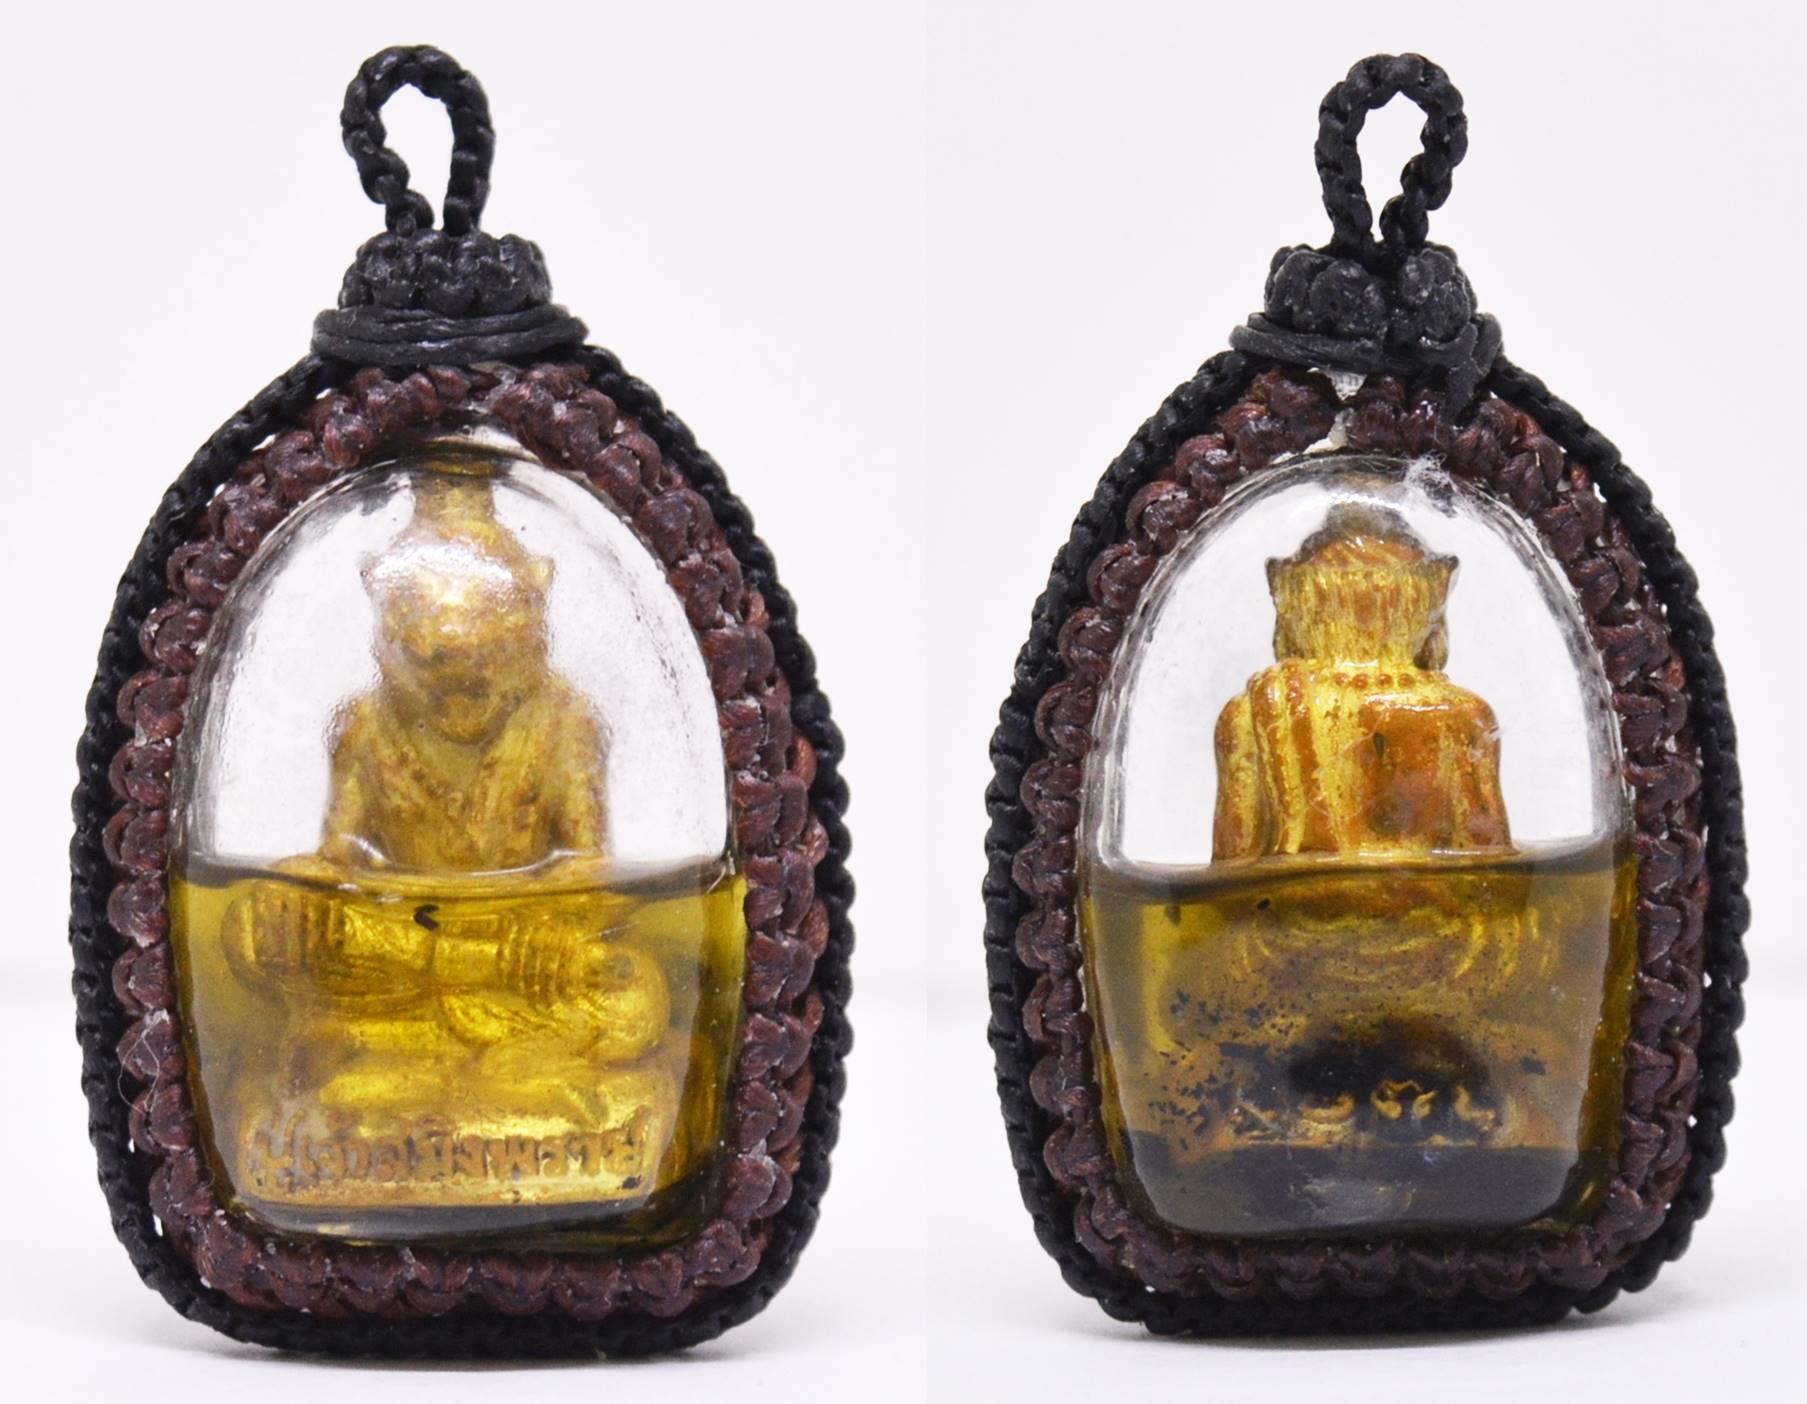 ปู่เจ้าสมิงพราย ทองเหลืองฝังตะกรุดเทพรำลึก อาจารย์พรต สำนักปู่เสน่ห์โคบุตร เลี่ยมน้ำมันว่านfดอกทอง